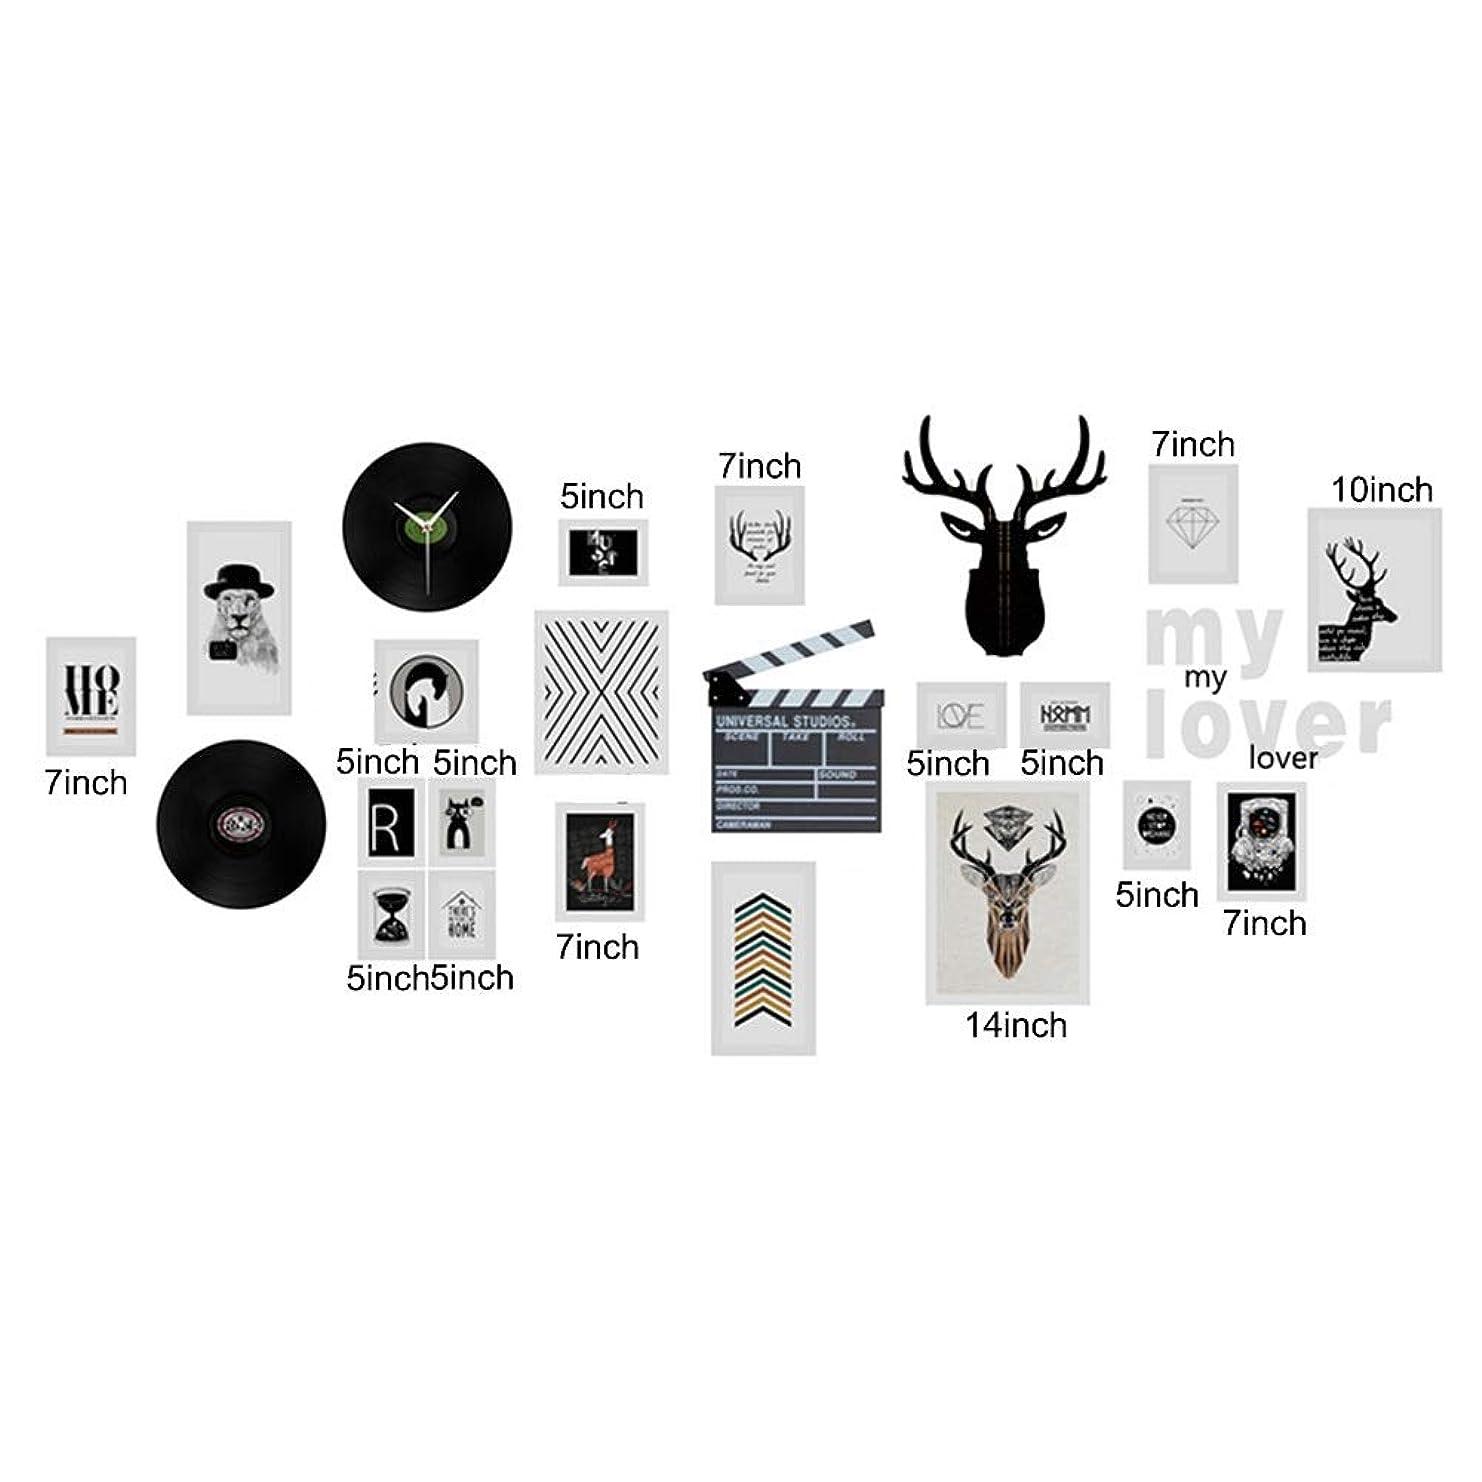 米国あなたのものシャーロットブロンテLKJASDHL 木製のフォトフレーム記録時計装飾用リビングルームホームファニシング装飾結婚式の写真フレーム (サイズ : 19pieces)